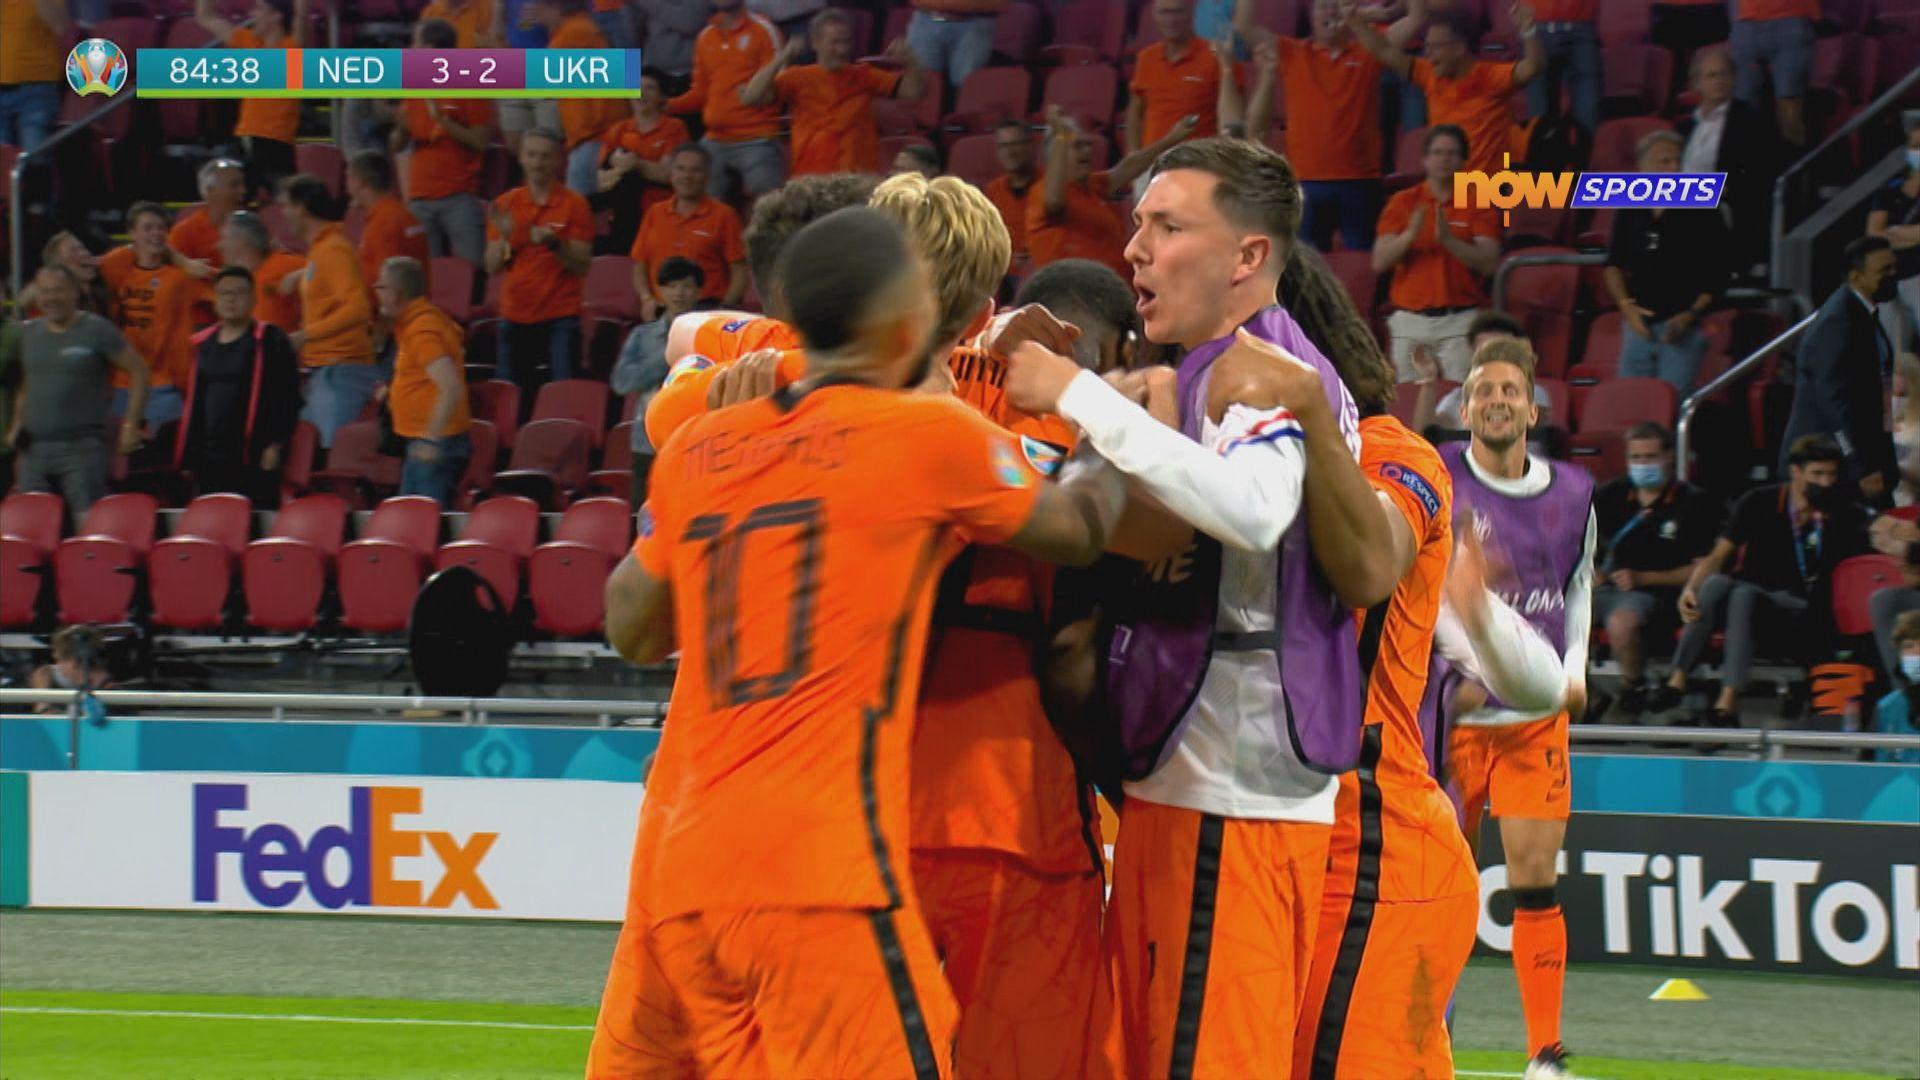 歐國盃 荷蘭3:2烏克蘭